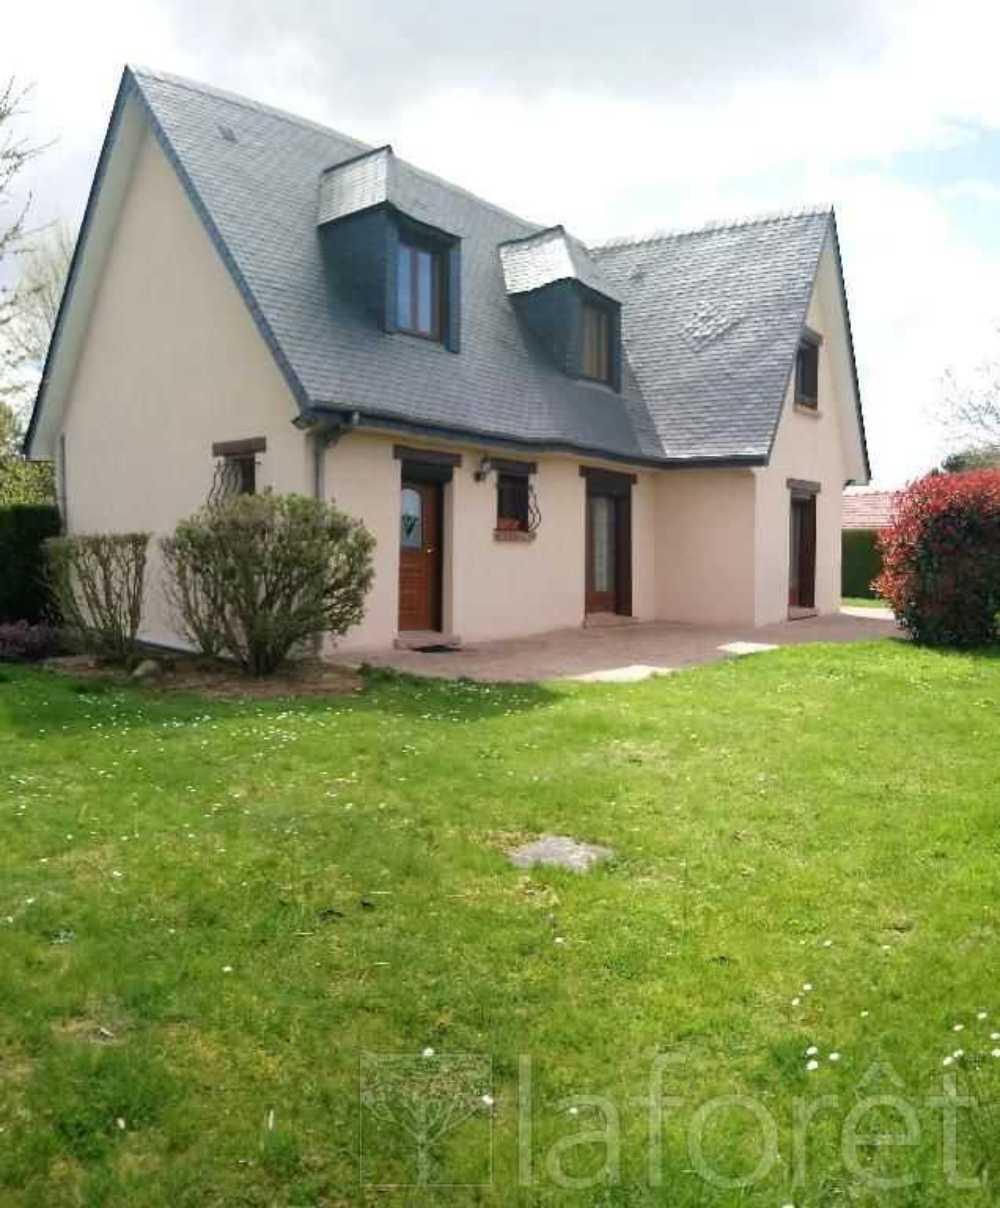 Saint-Ouen-du-Tilleul Eure Haus Bild 3873512